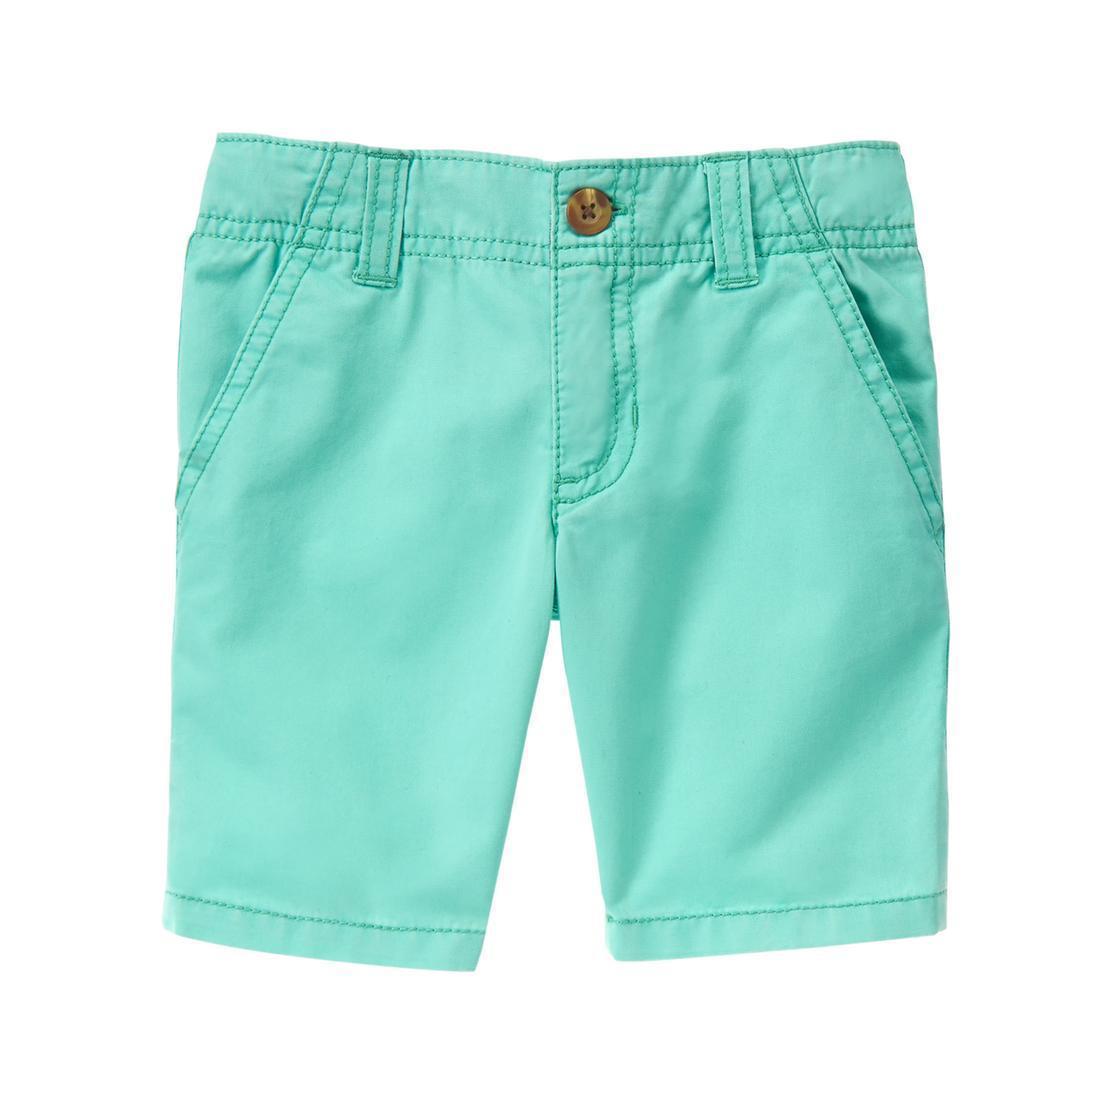 Детские бирюзовые шорты из твила Crazy8 для мальчика